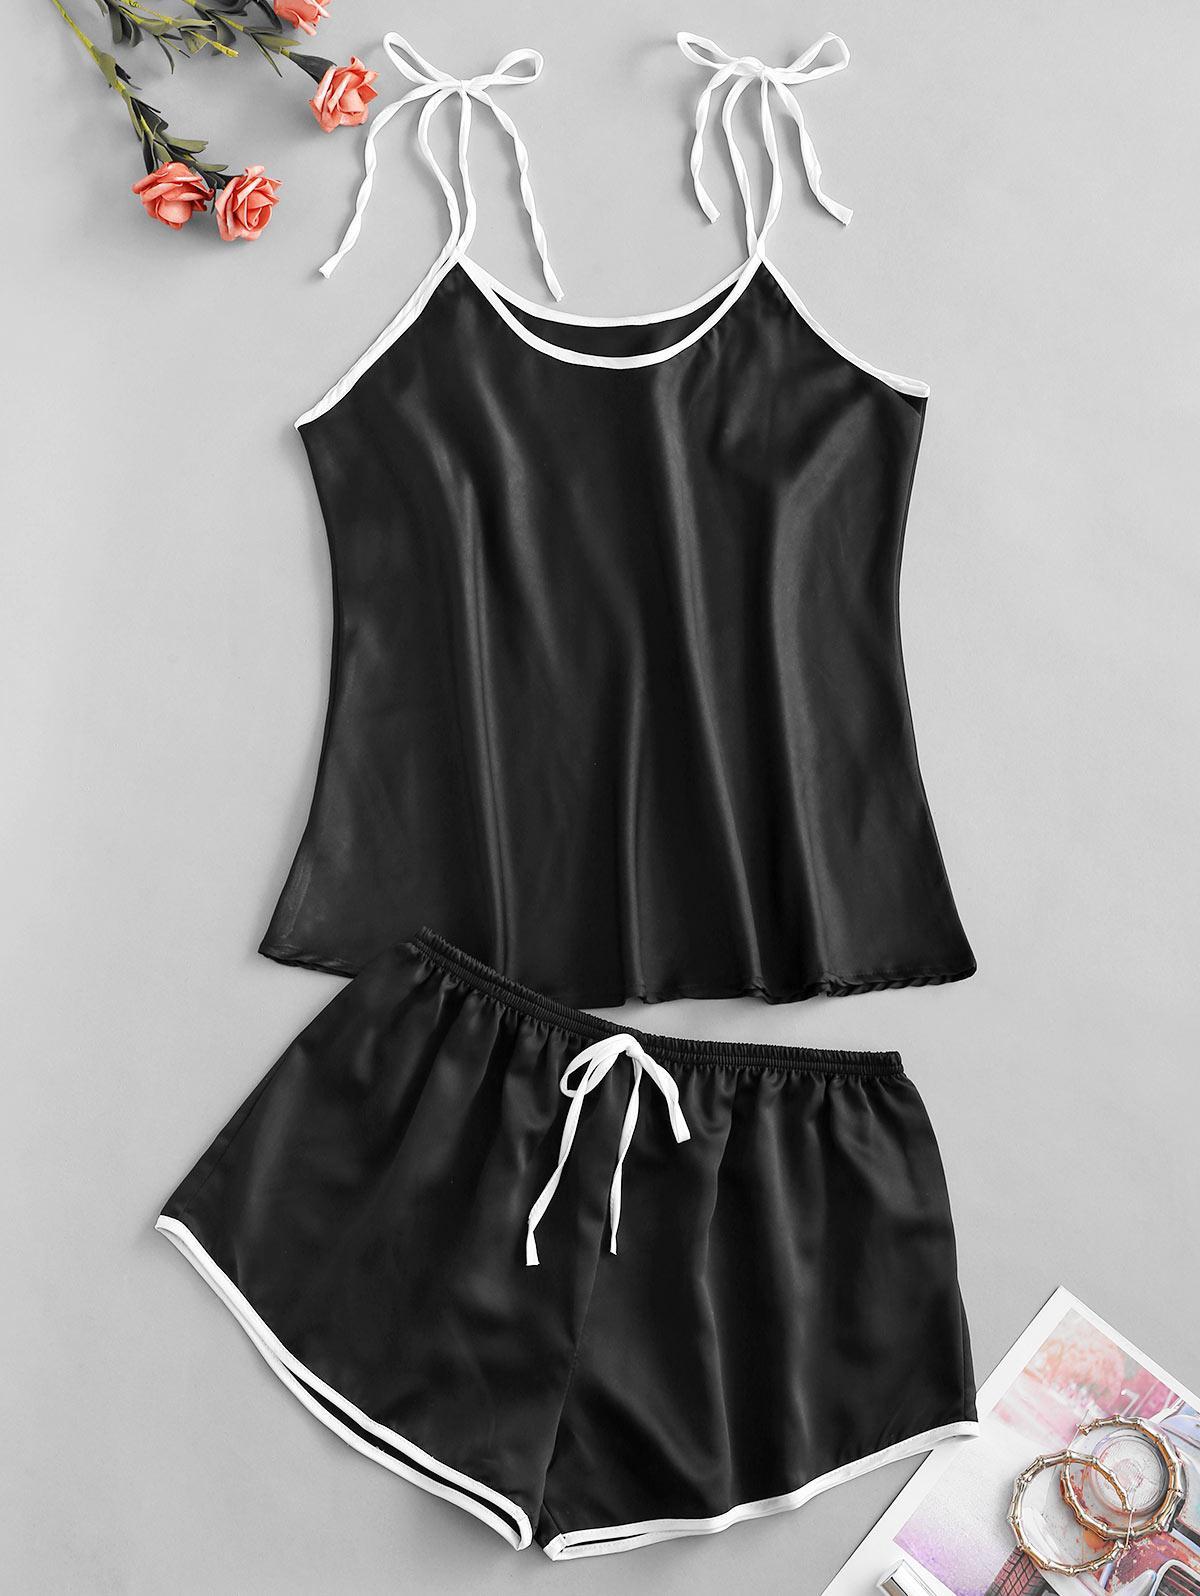 Contrast Trim Tie Shoulder Bowknot Pajama Shorts Set